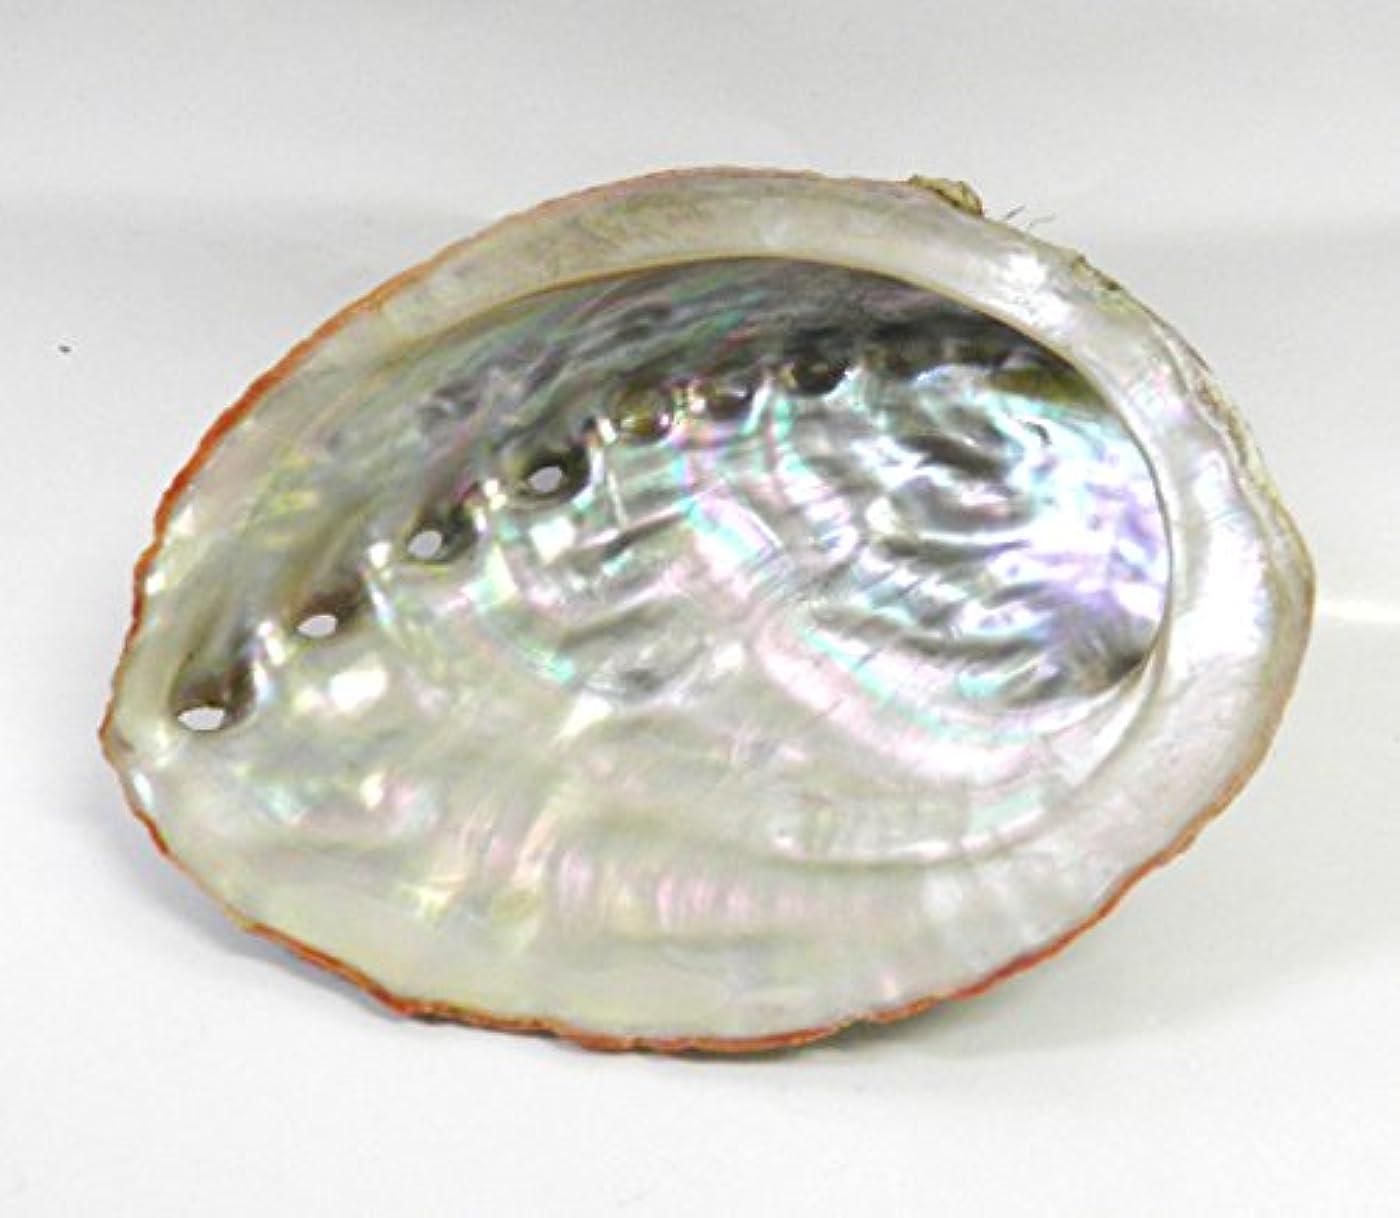 熱意郡おじいちゃんアワビの貝殻 アバロン シェル ホワイトセージ 浄化用 お香 空間浄化 天然石